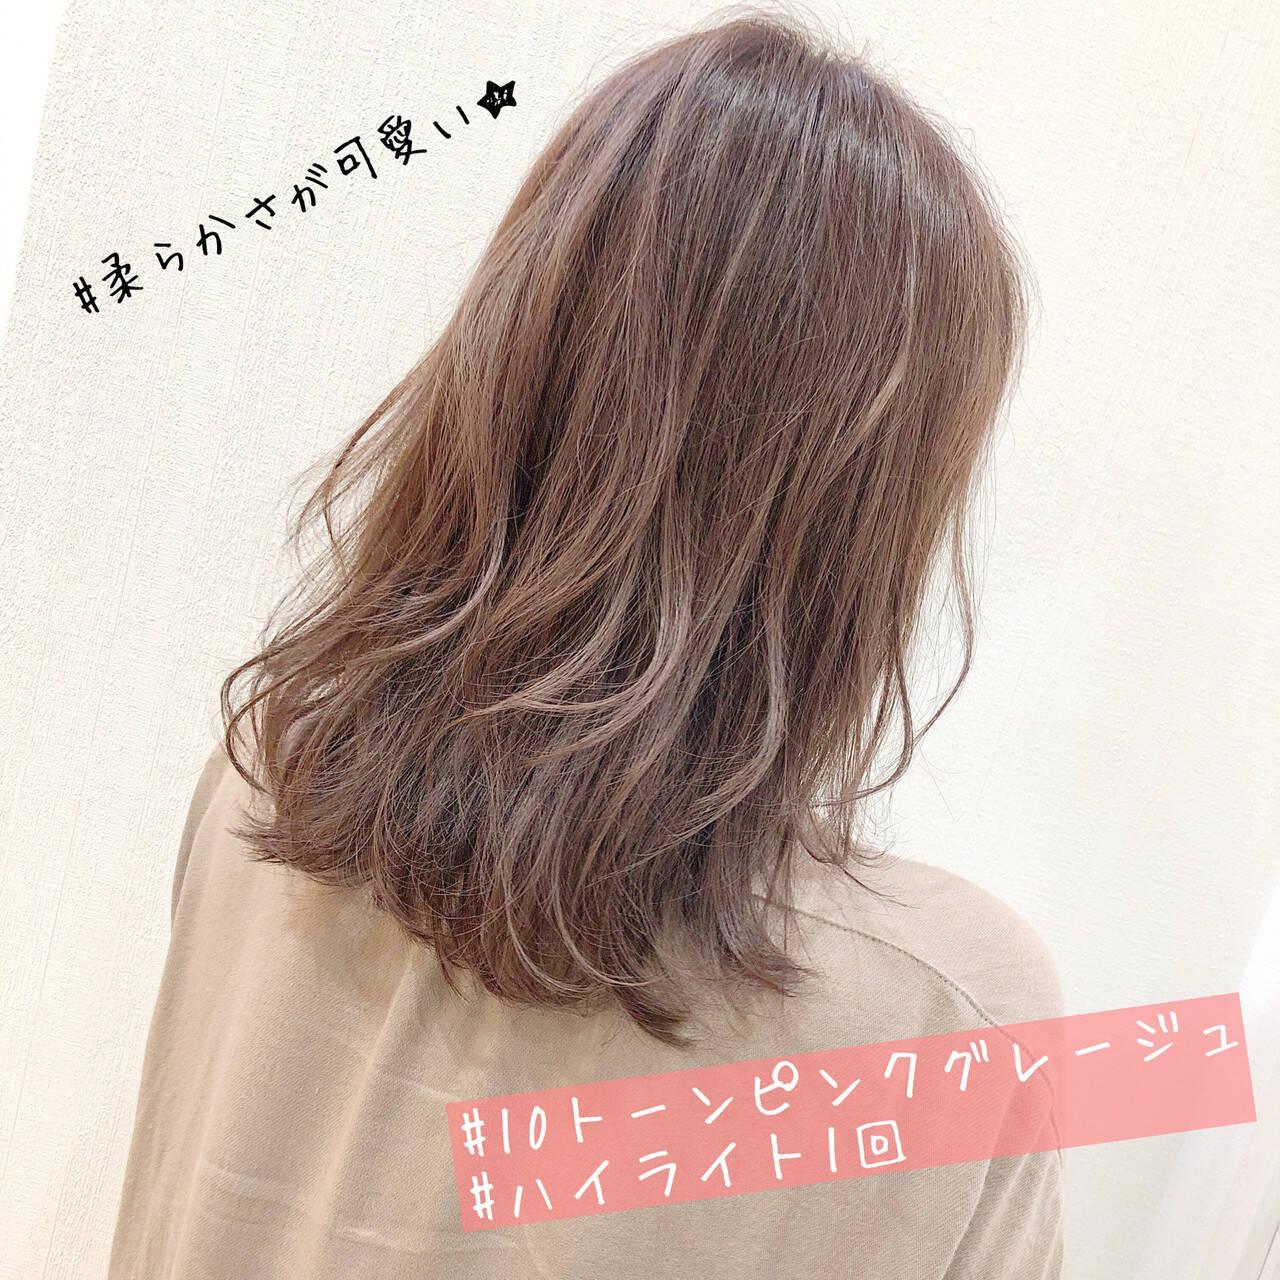 ブリーチカラー 圧倒的透明感 ピンクグレージュ セミロングヘアスタイルや髪型の写真・画像